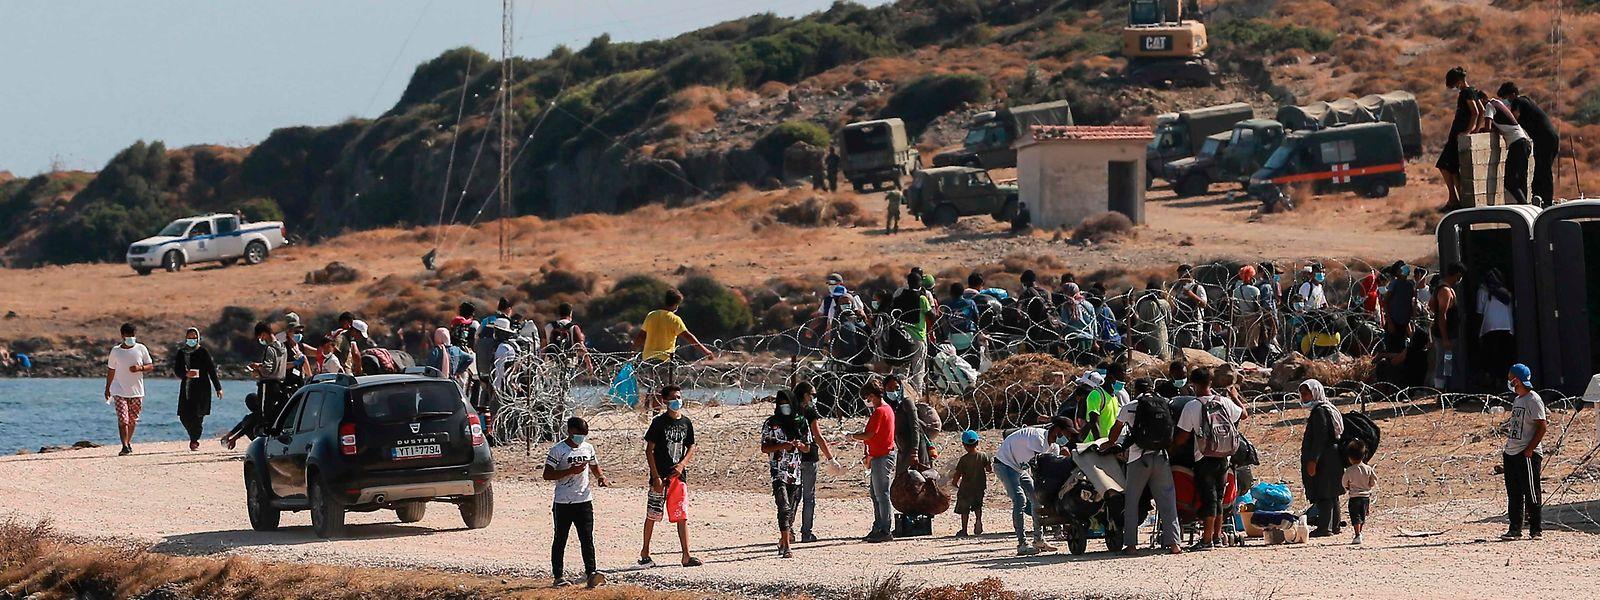 L'UE vise «une efficacité accrue dans les retours» des migrants illégaux vers leur pays d'origine.